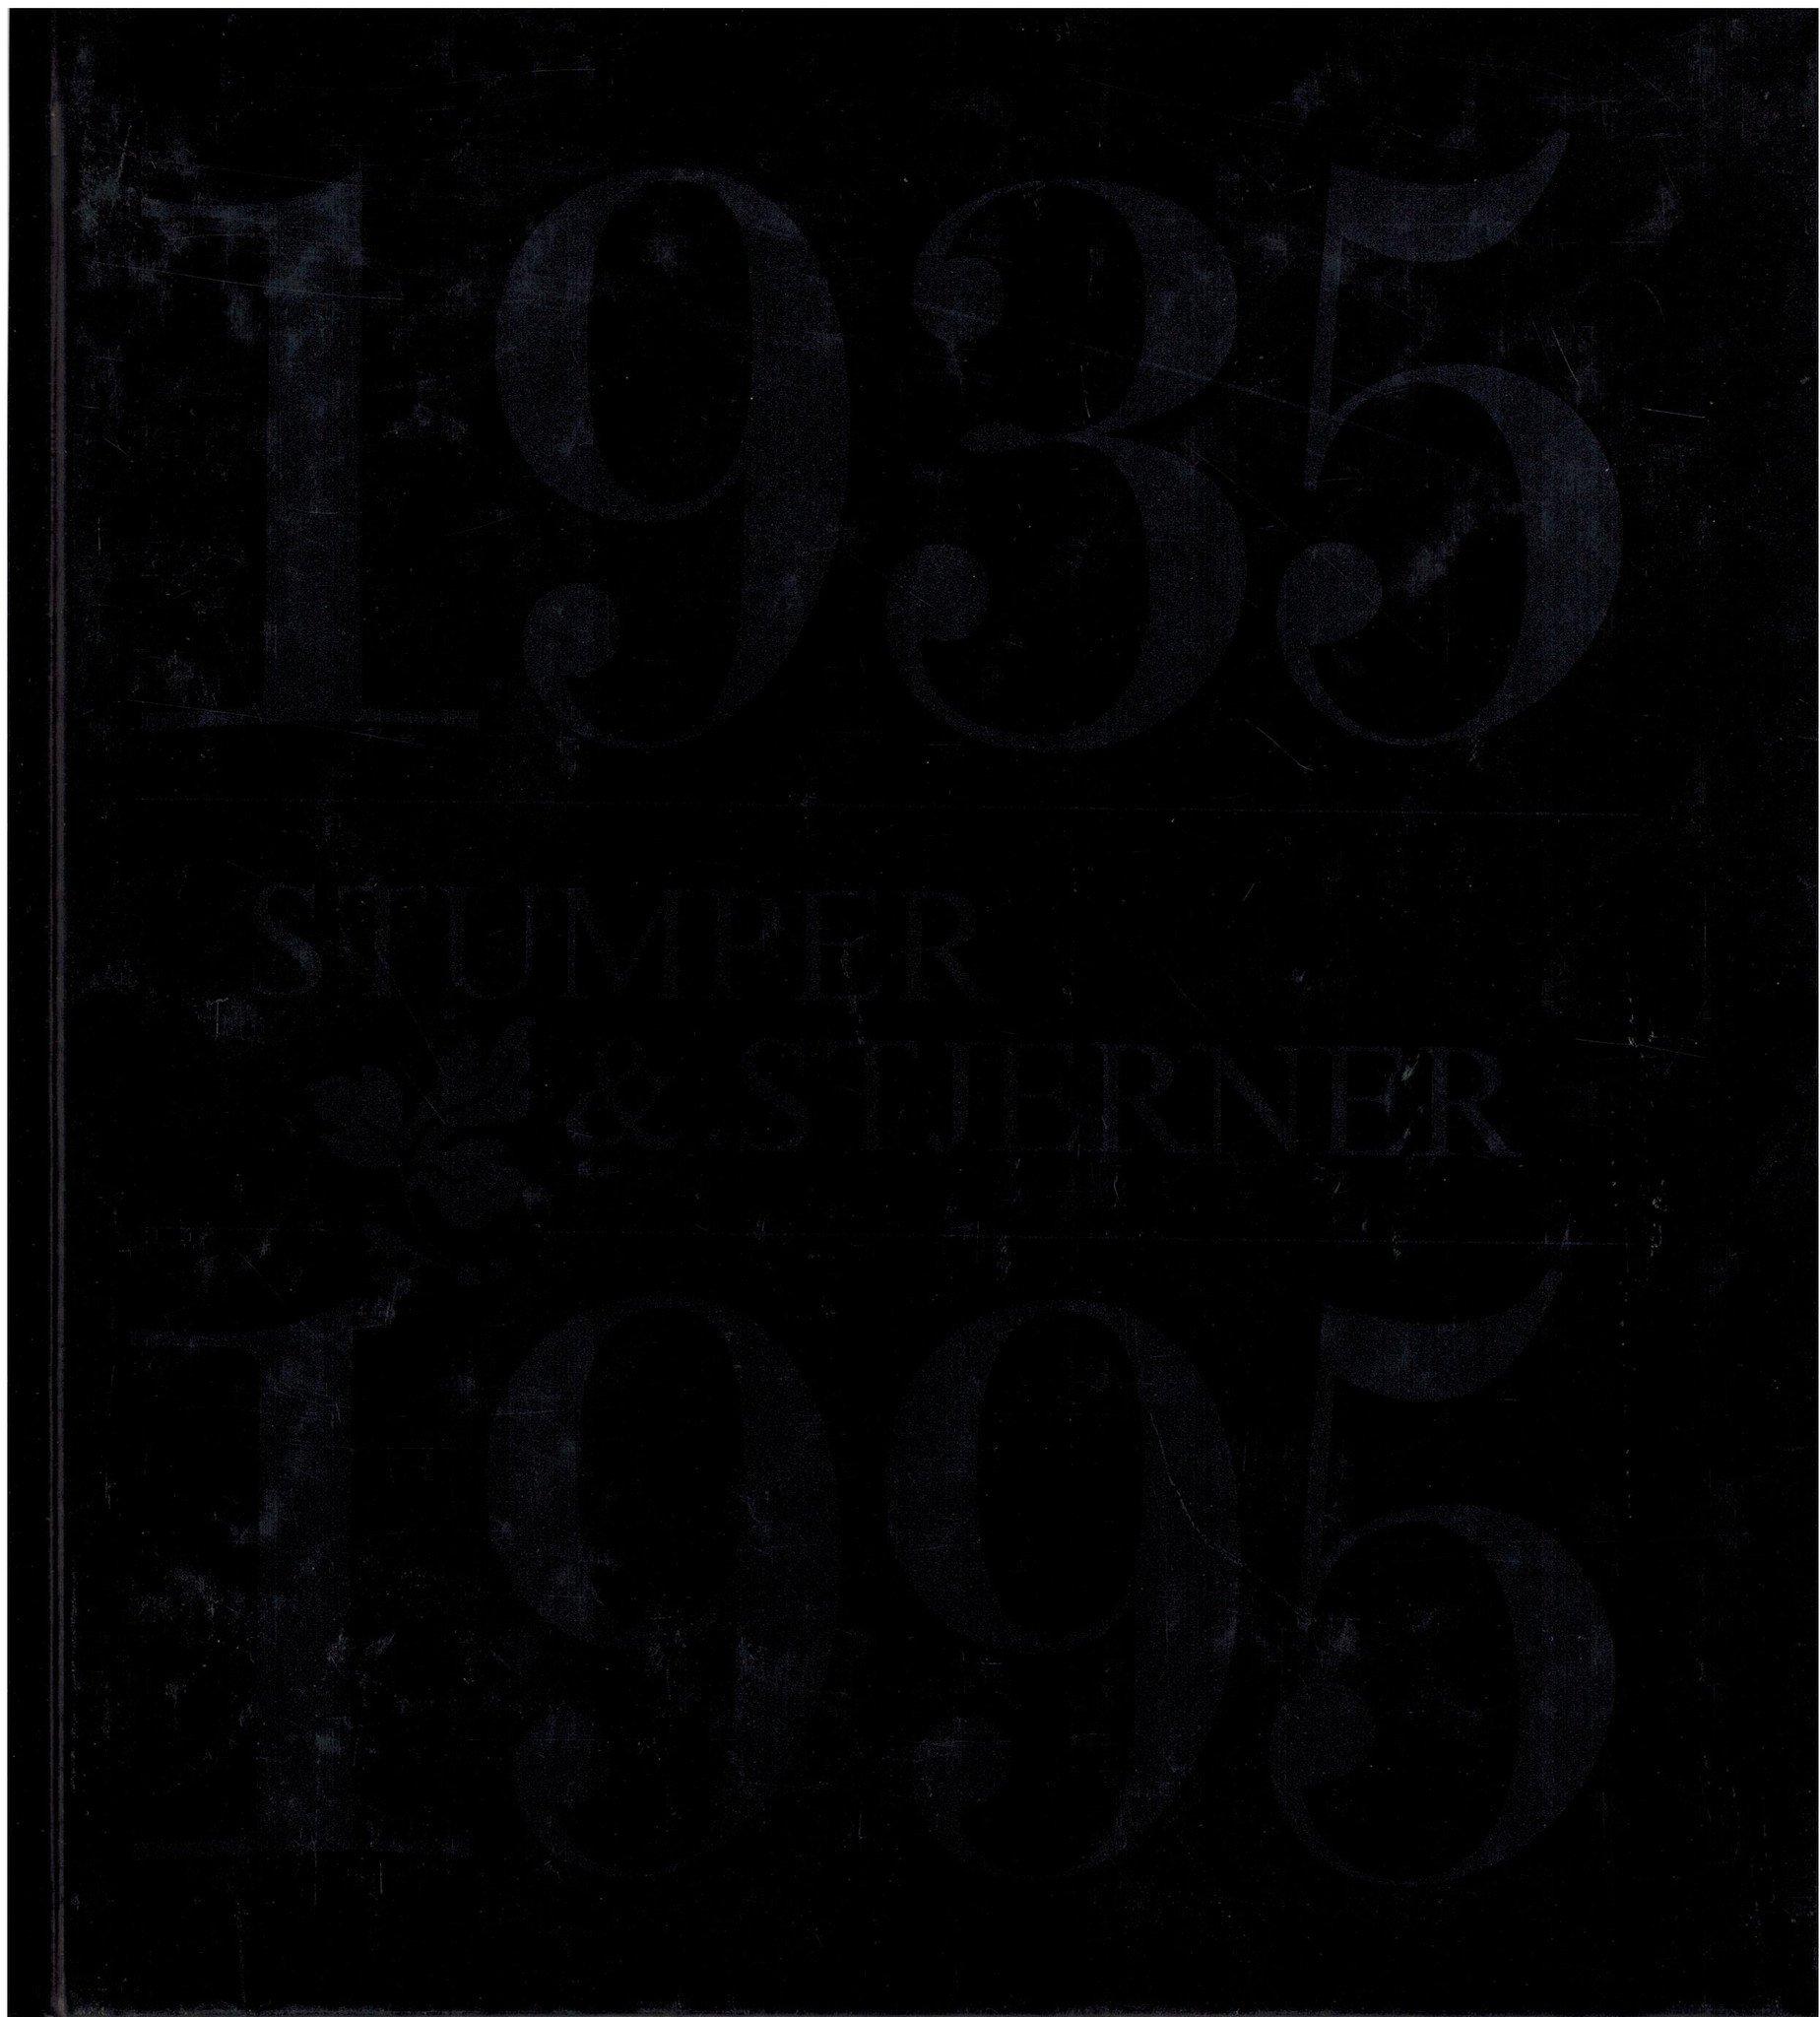 Stumper og stjerner 1935-1995